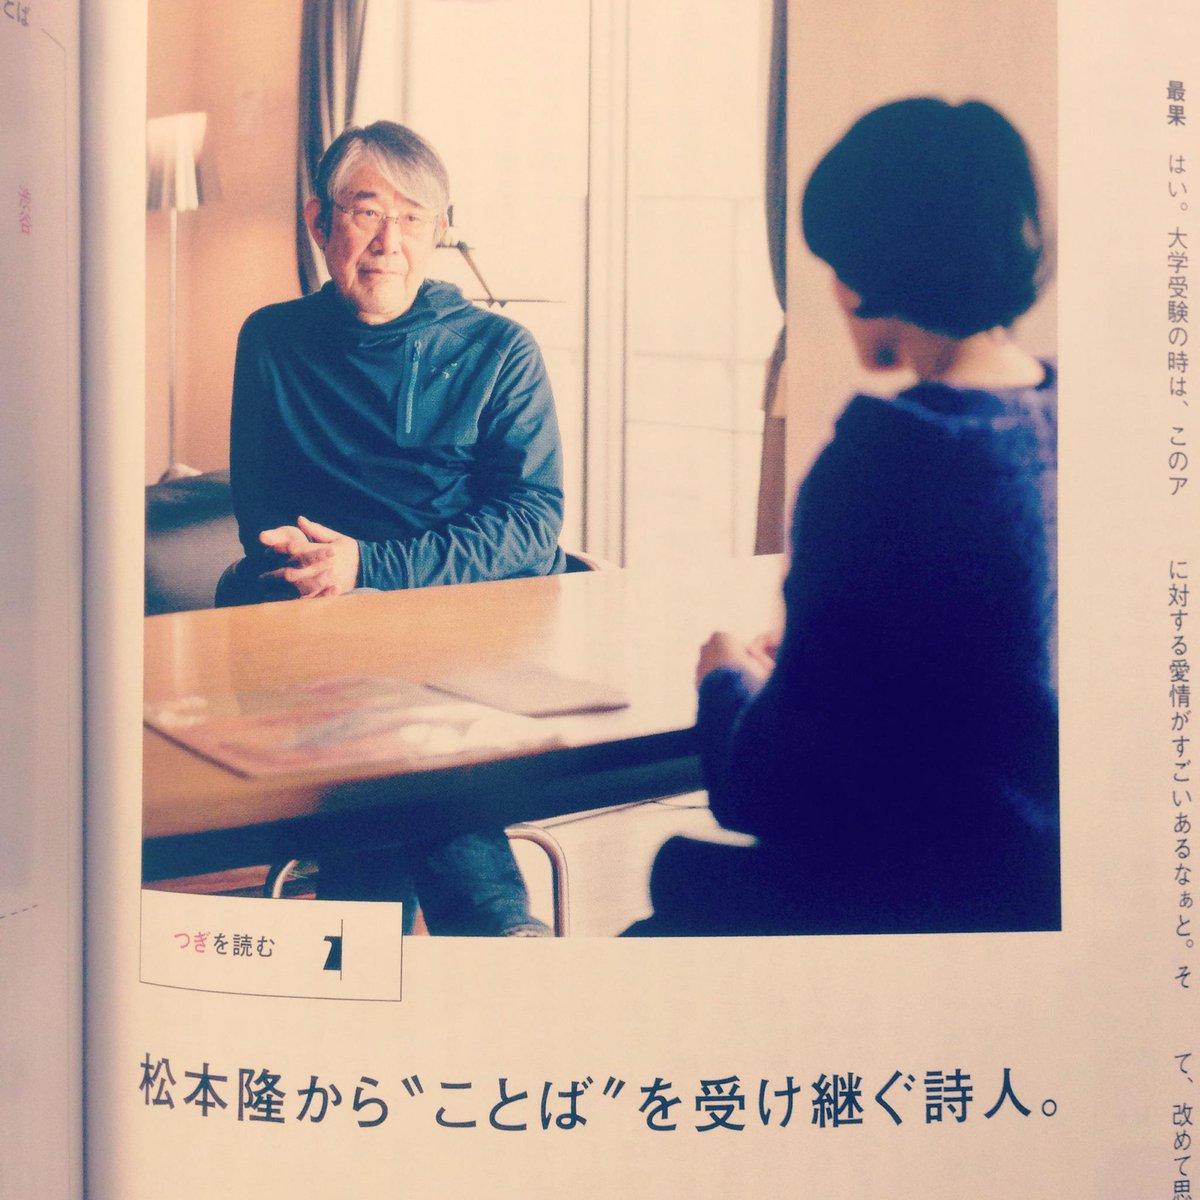 """発売中の『BRUTUS』""""次は誰?"""" 特集で、最果タヒさんと松本隆さんの対談のテキストを担当しました。現場での奇跡的な出会いを目撃してしまった感が凄かったです! もっとお話されてたのですが、誌面の関係で半分以下に削らざるを得ず(涙)。 http://t.co/v7UmB4Wc3N"""